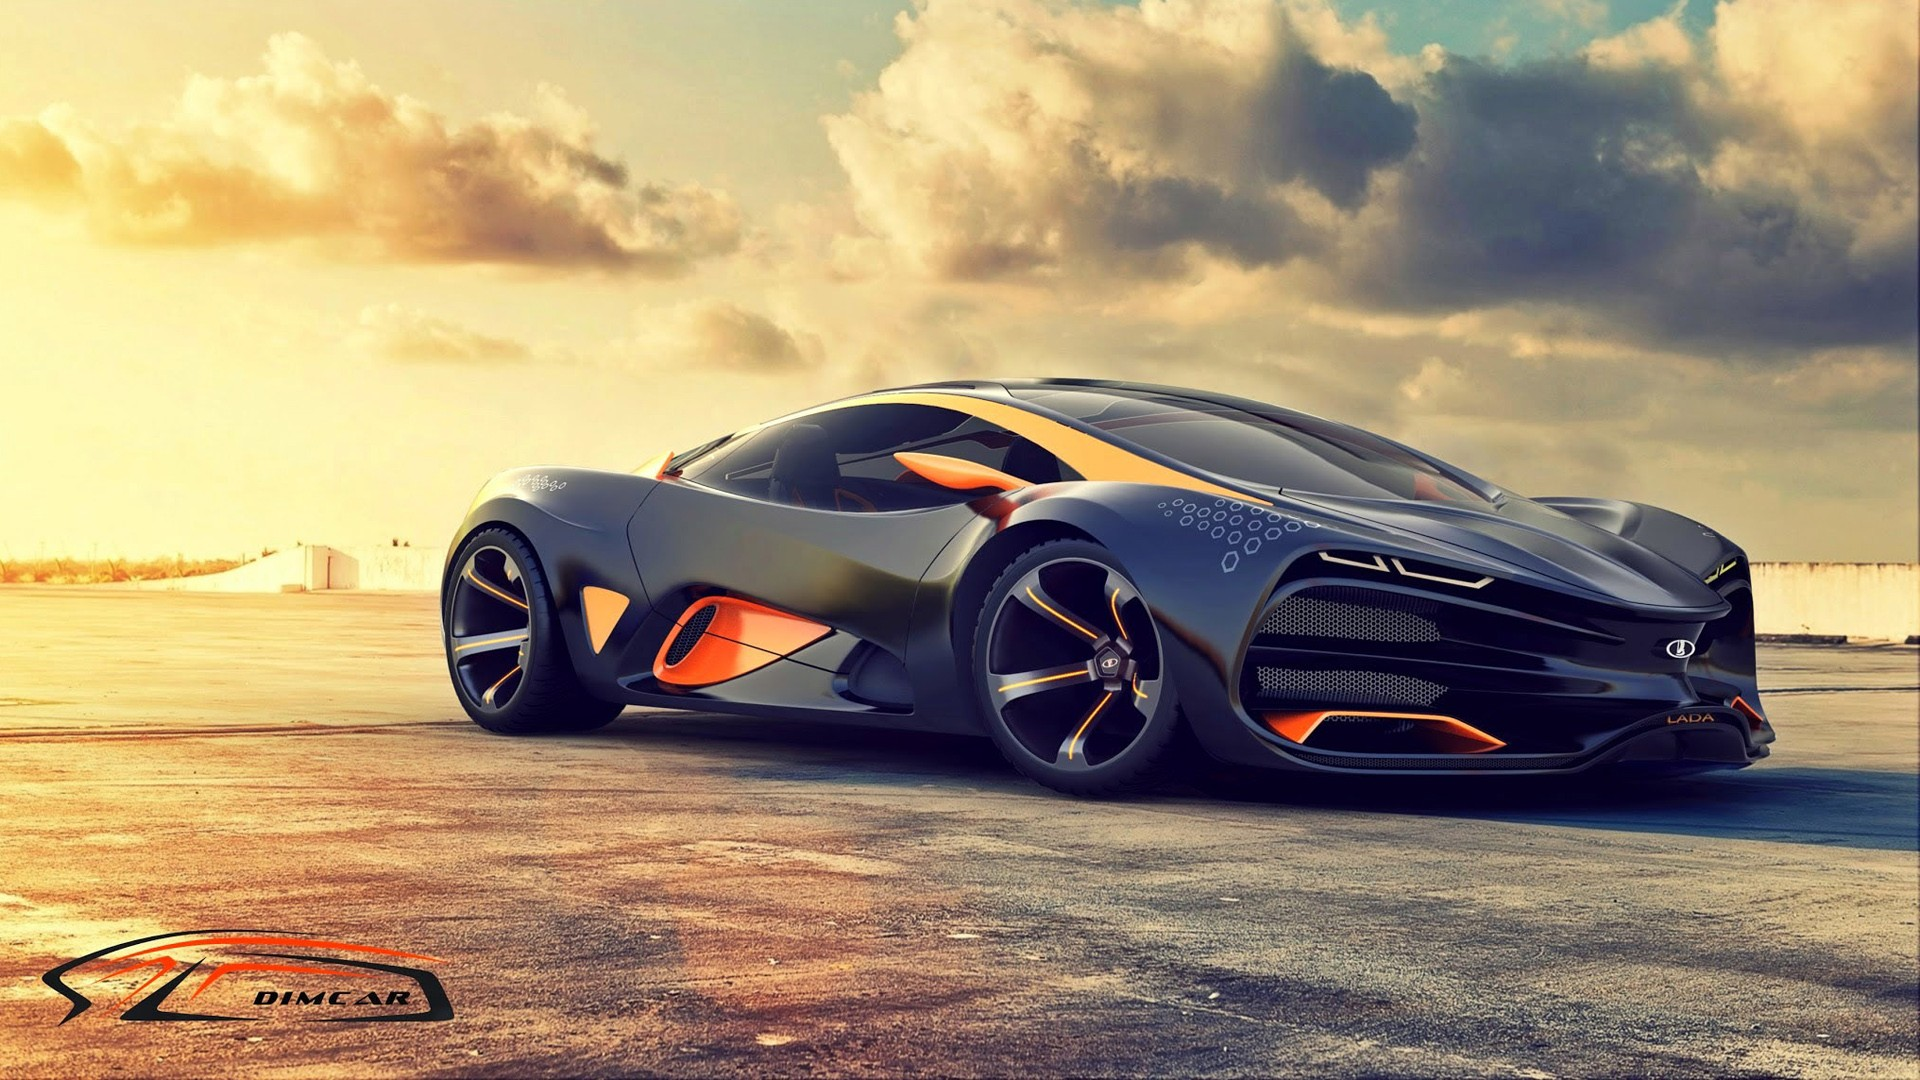 2015 lada raven supercar concept 2 wallpaper hd car - Supercar wallpaper hd for android ...